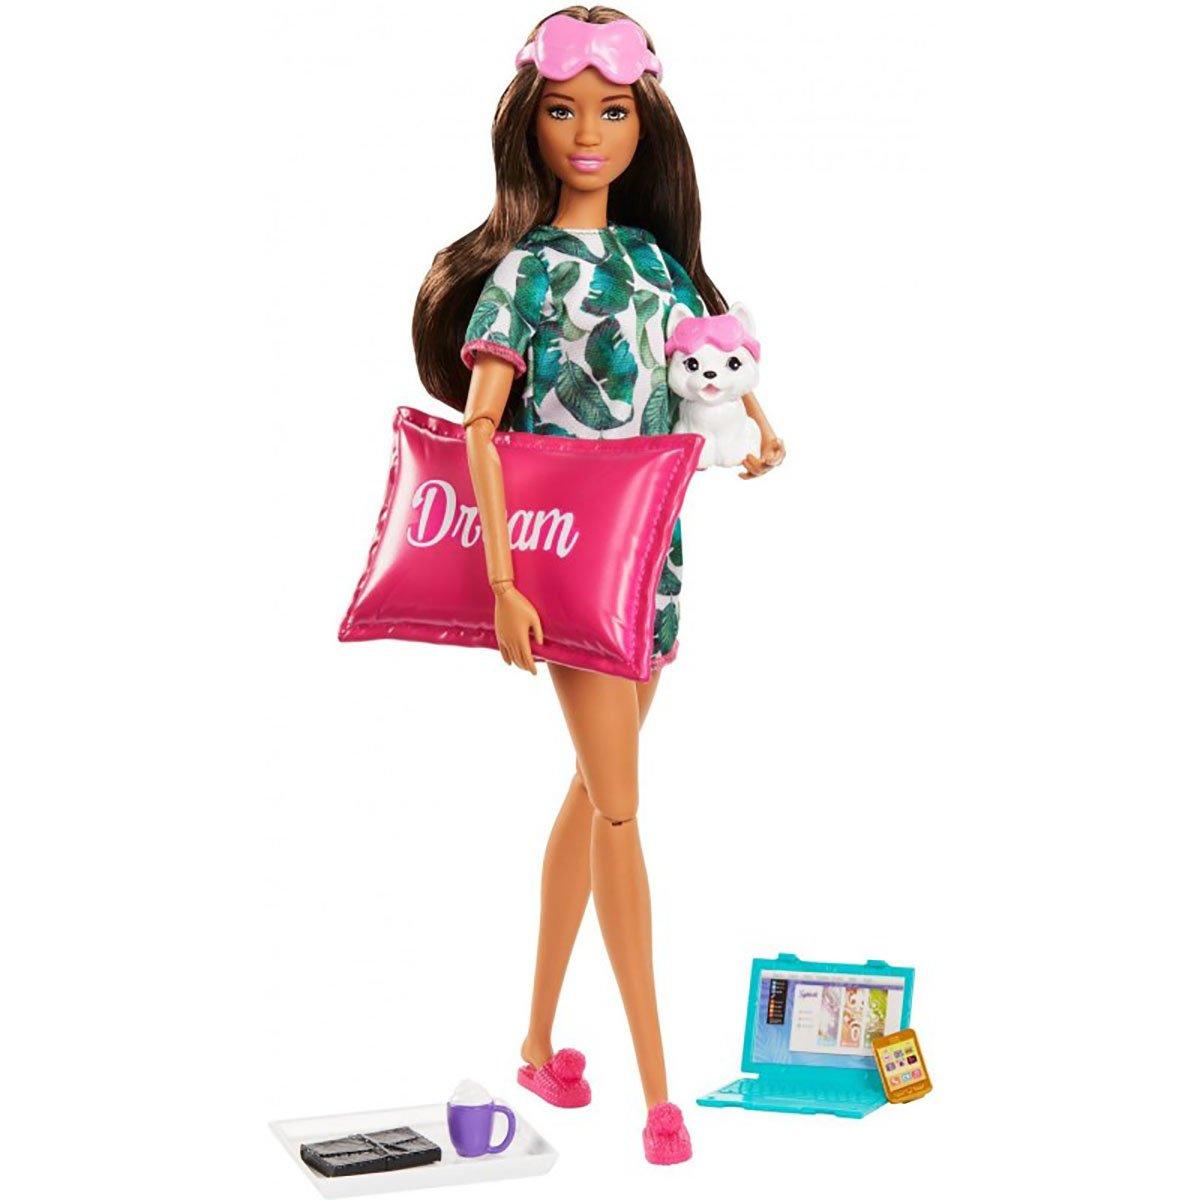 Set de joaca Papusa Barbie cu accesorii Welness GJG58